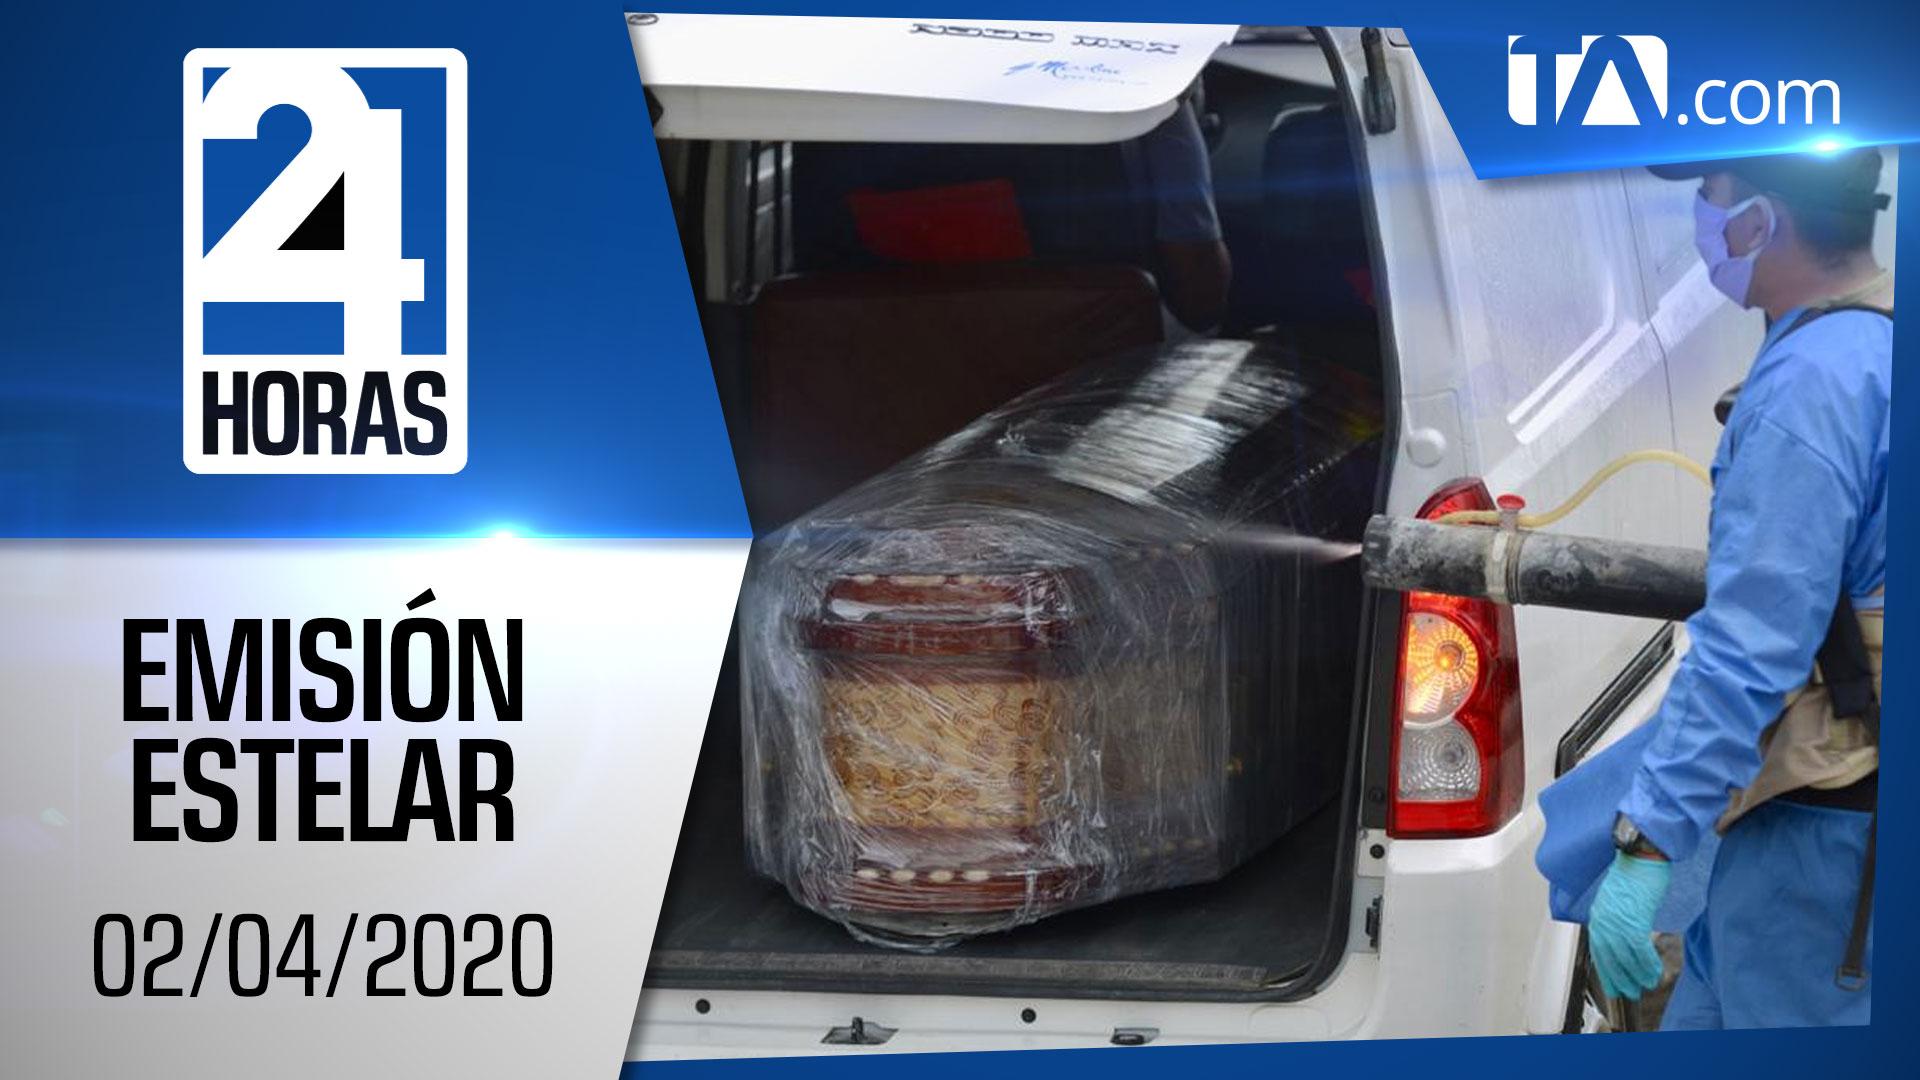 Noticias Ecuador: Noticiero 24 Horas, 02/04/2020 (Emisión Estelar)